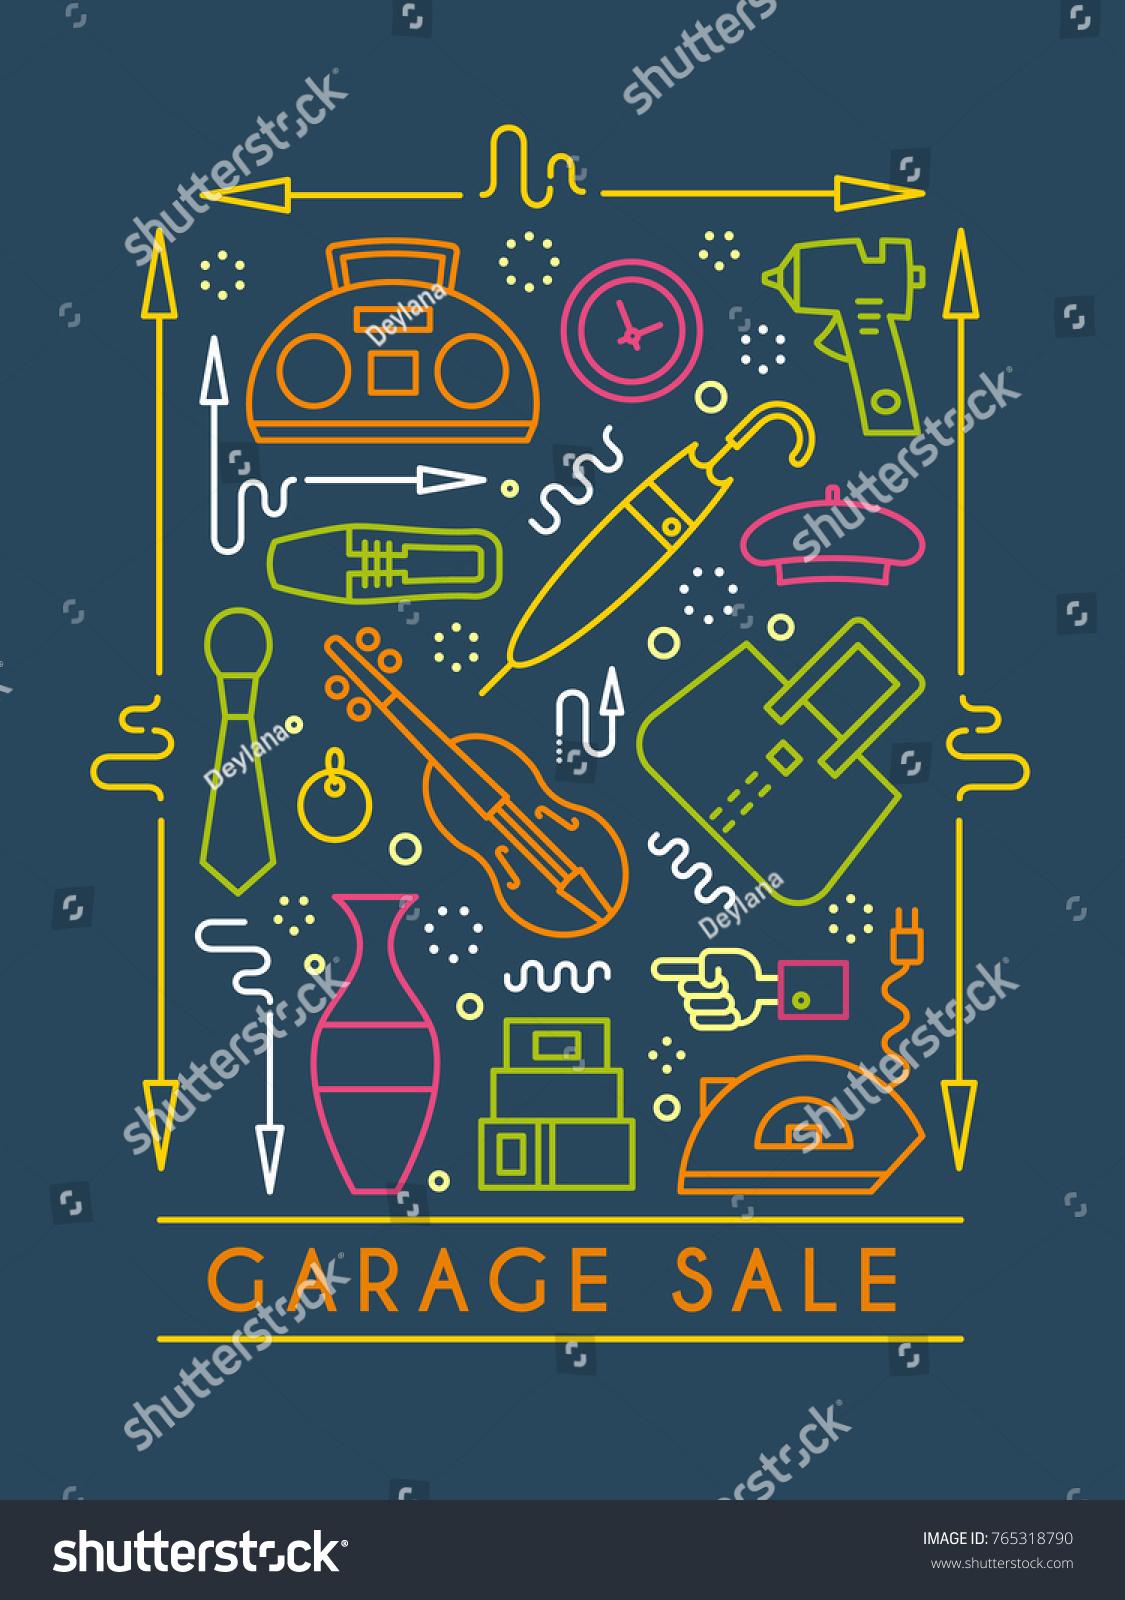 vector line style illustration garage sale yard sale flyer template design element for